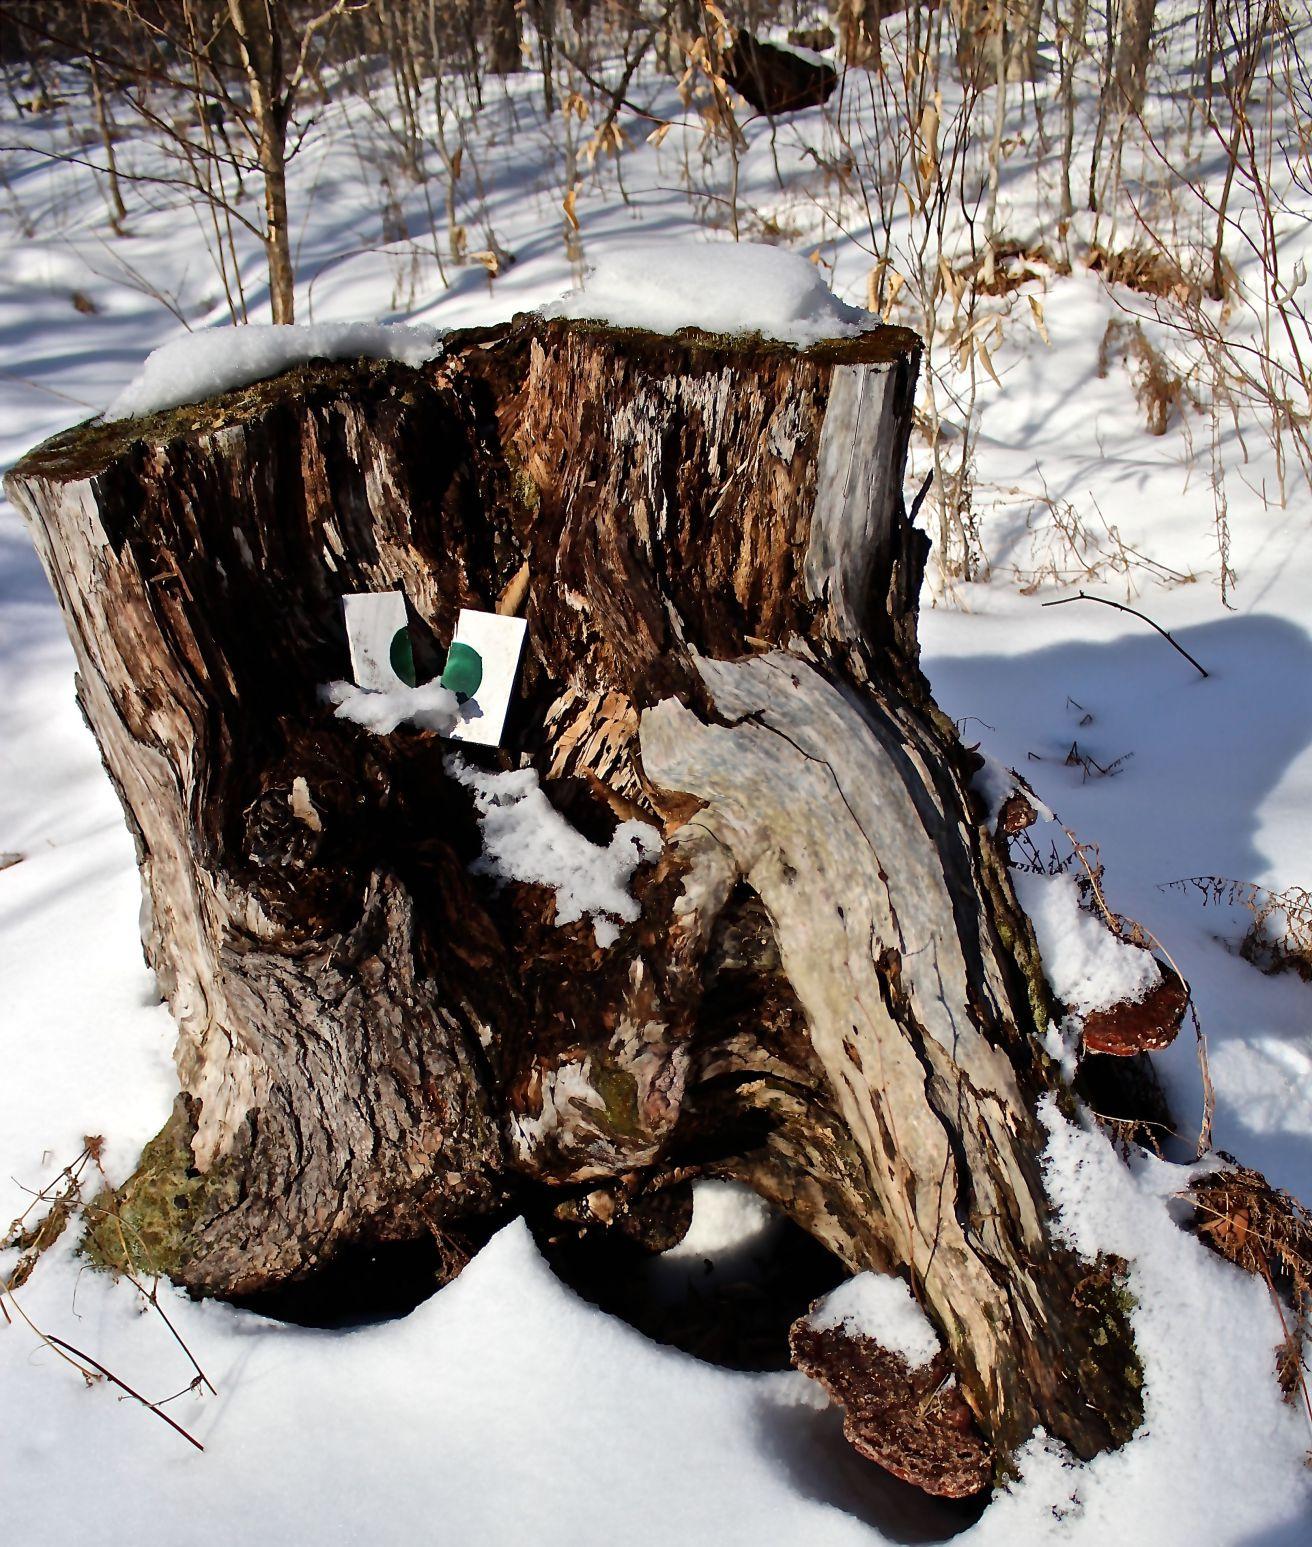 sb-hemlock-stump-et-al.jpg